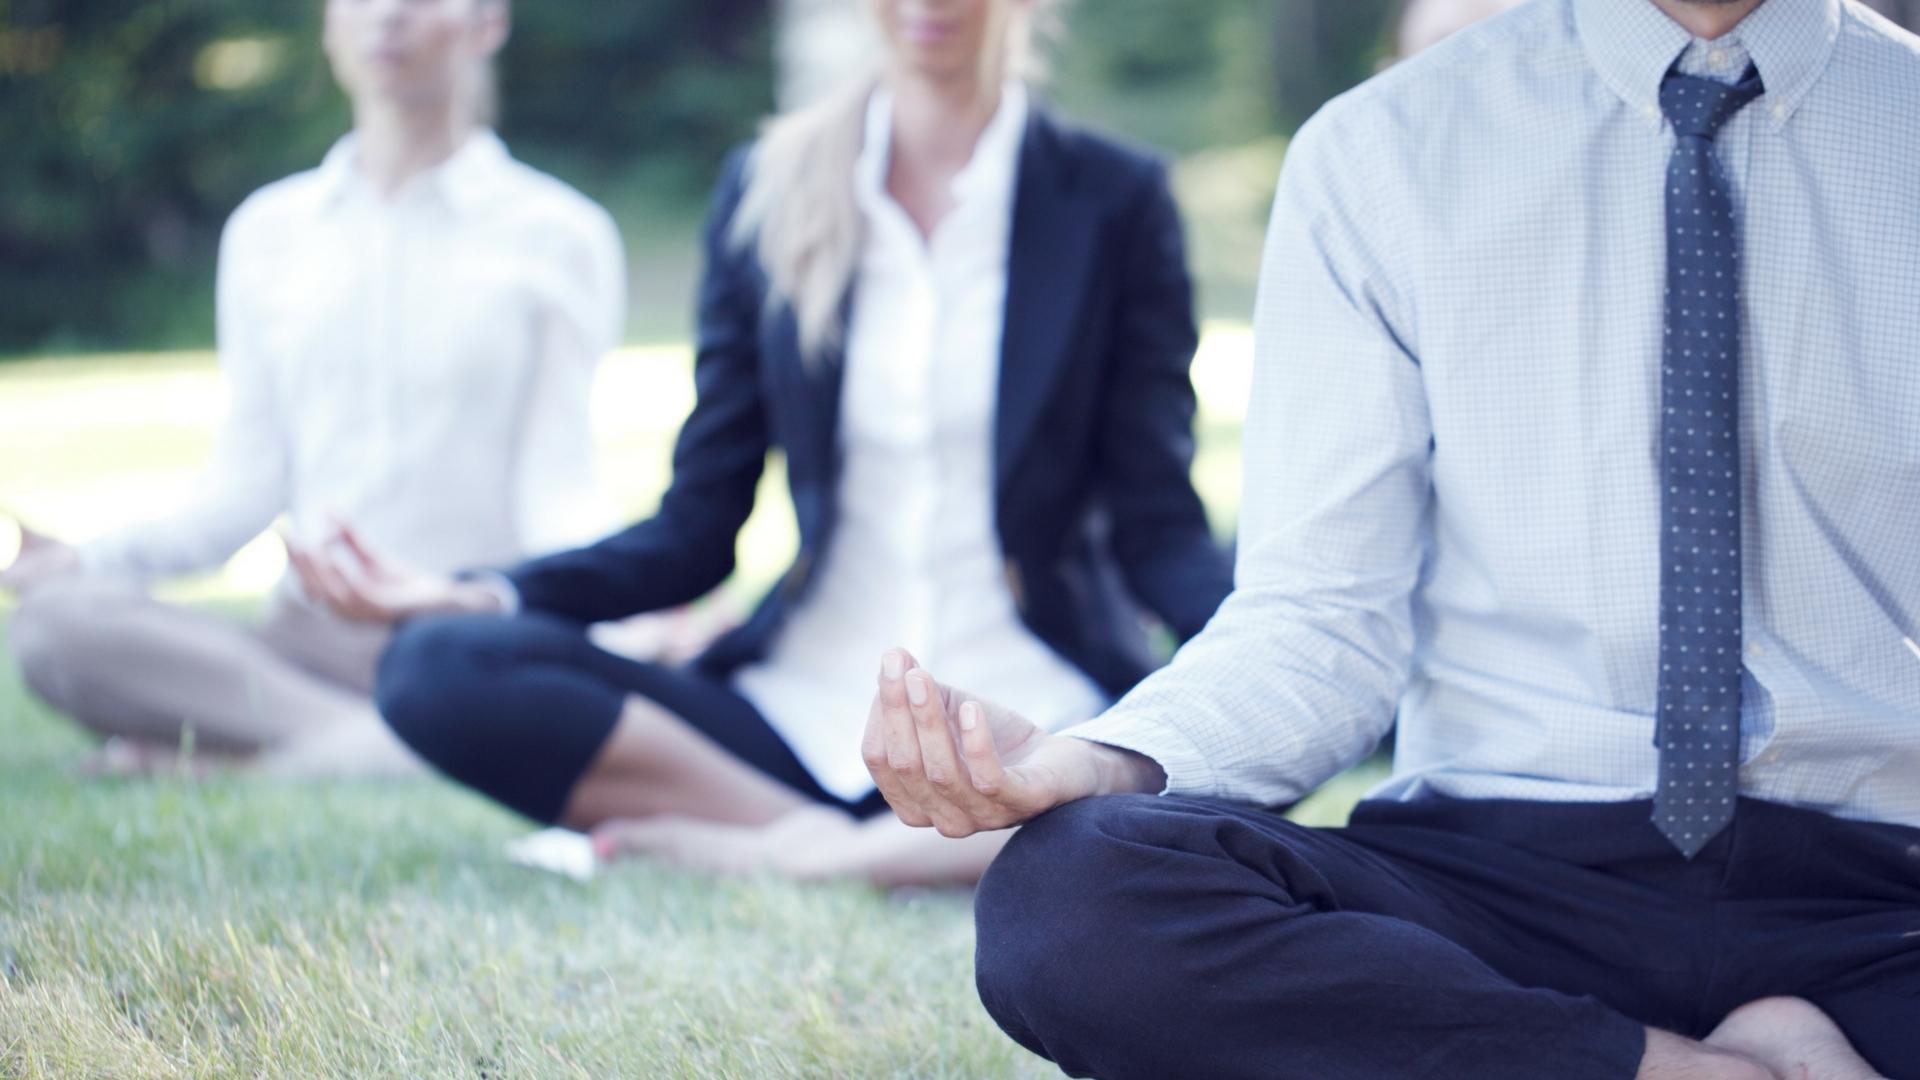 Yoga: Warum immer mehr Führungskräfte darauf schwören